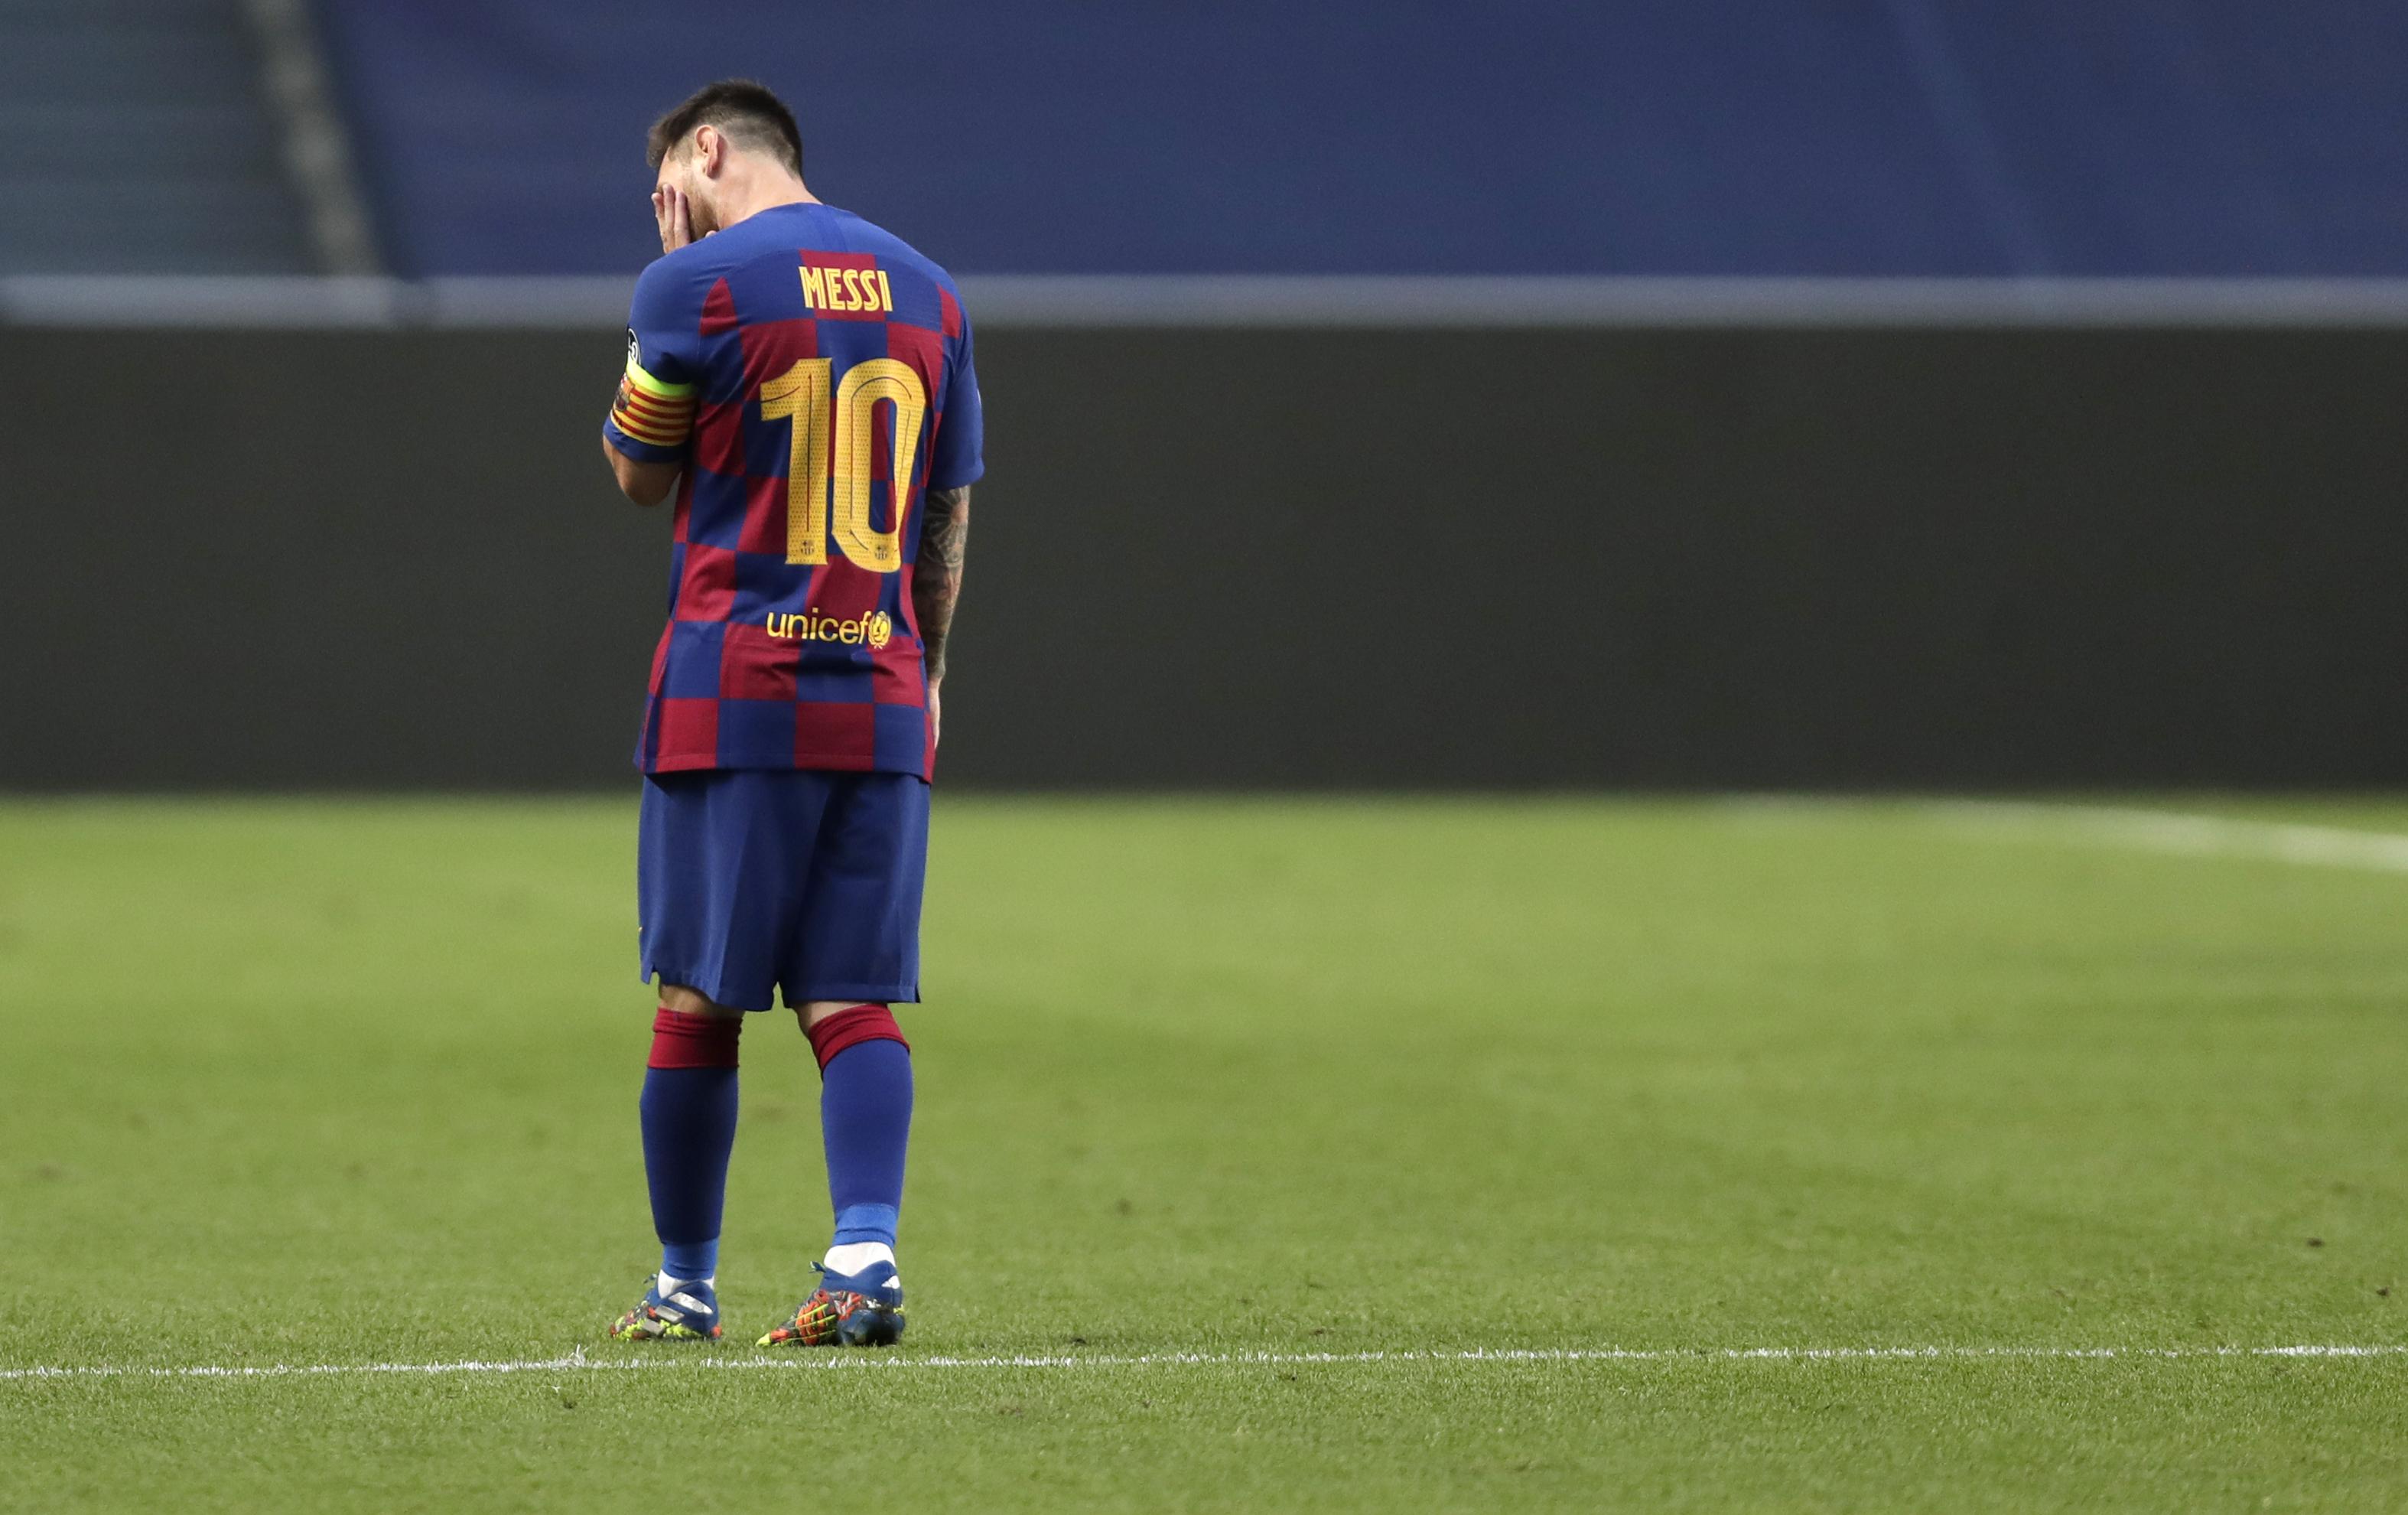 Ennél a kivégzésnél jobb dolog nem történhetett volna a Barcelonával